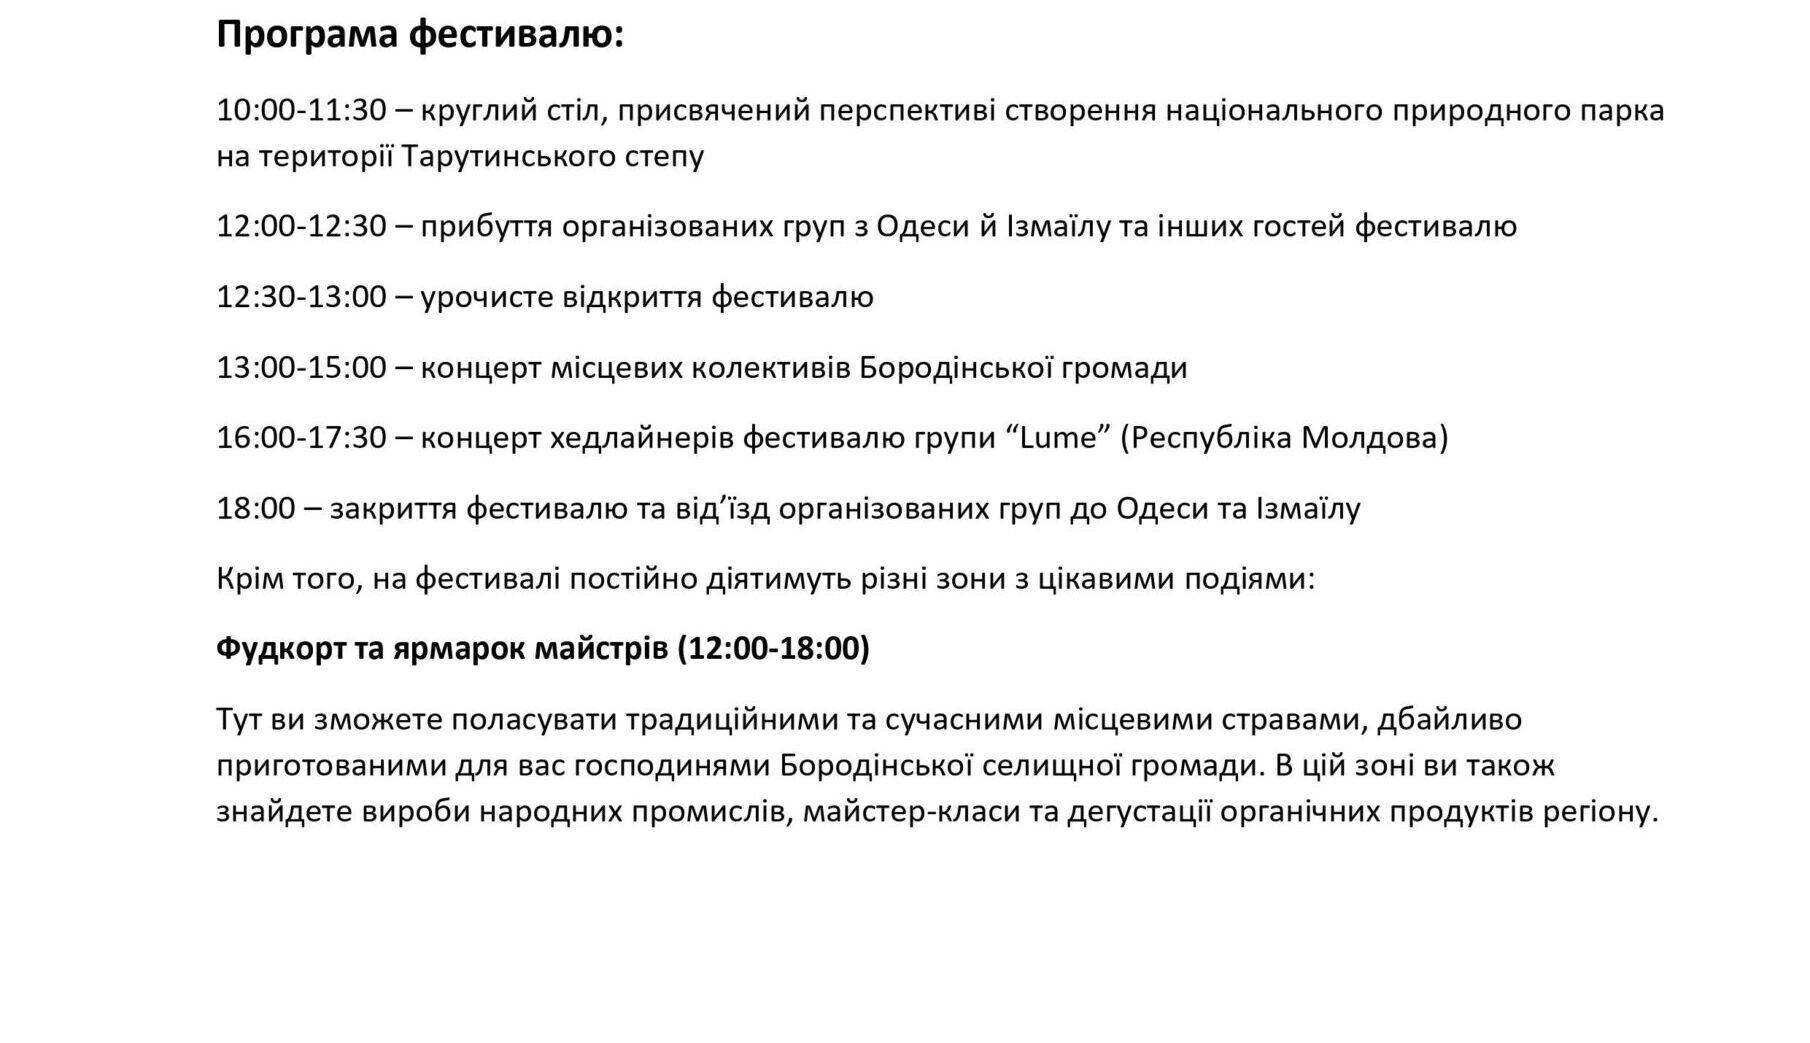 В Тарутинской степи состоится этно-эко фестиваль «Tarutino steppe»